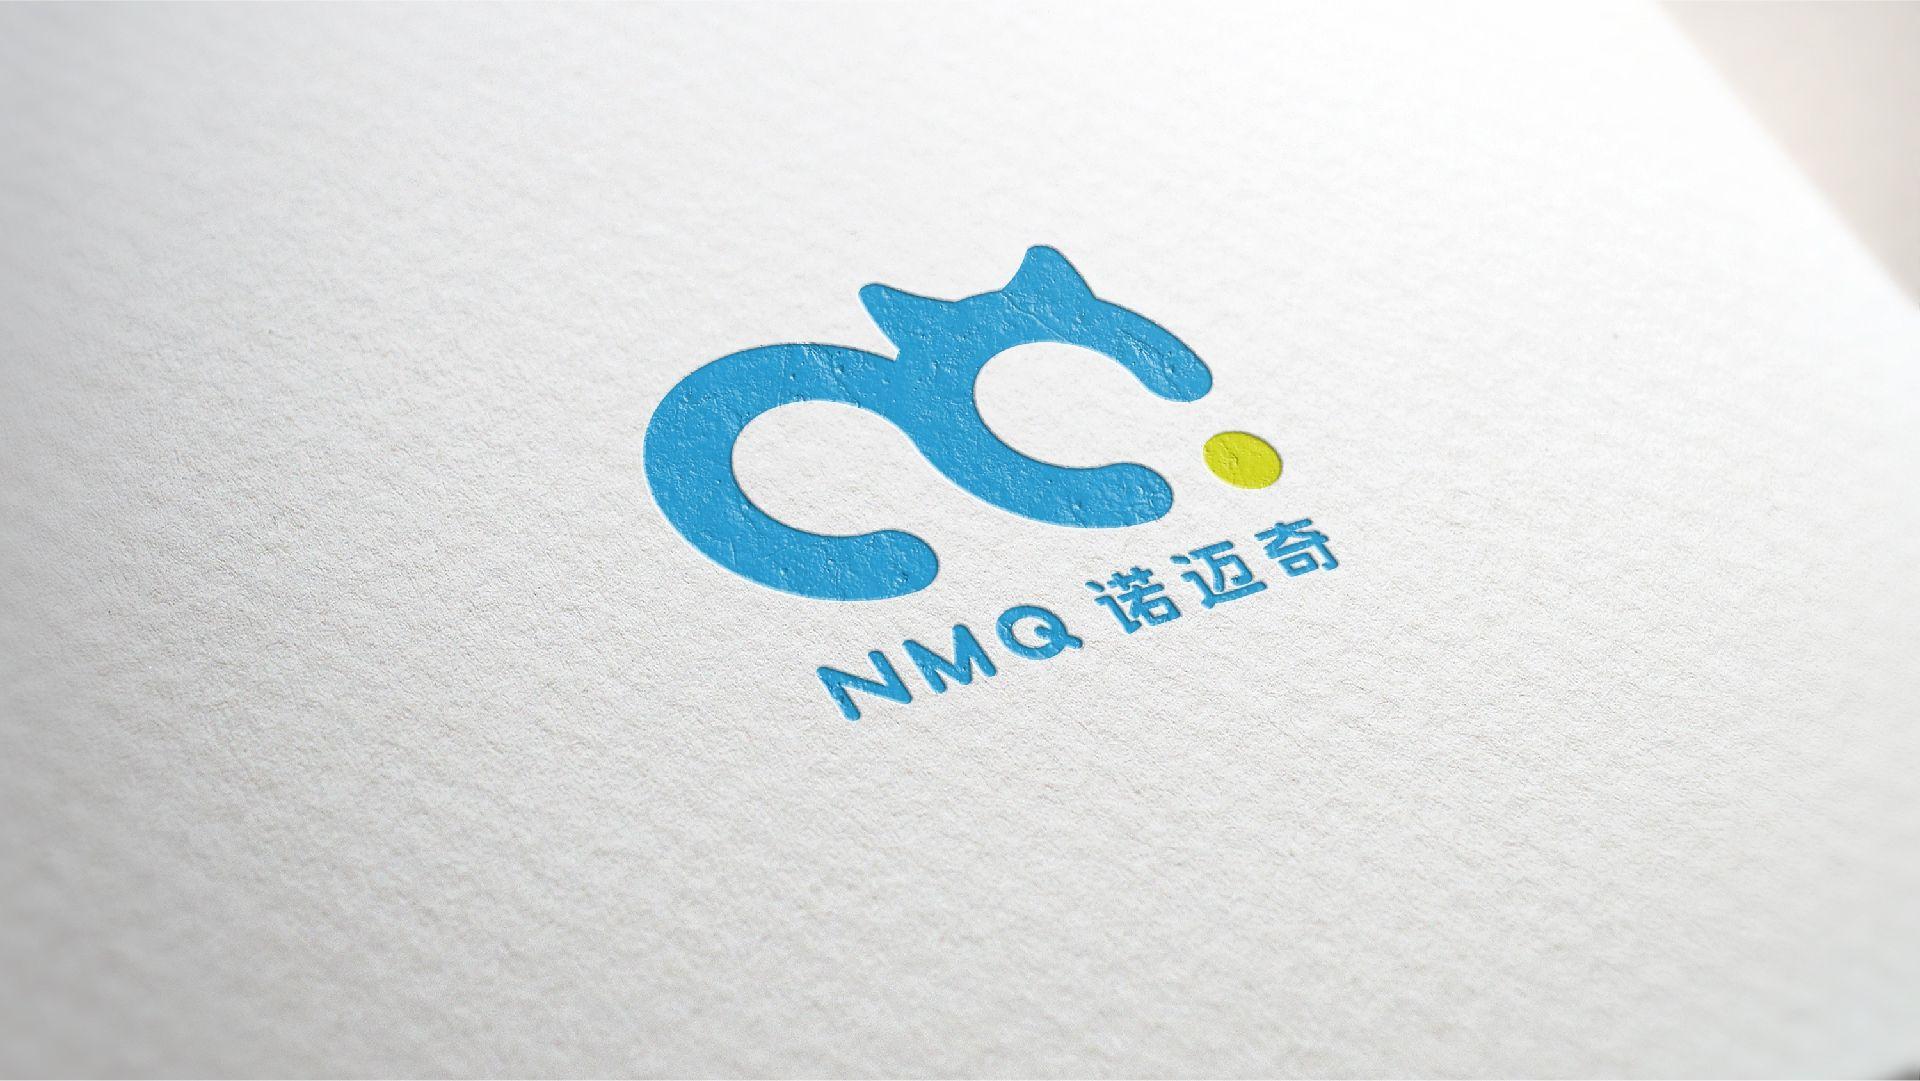 诺迈齐宠物医药品牌形象标志VI logo设计 飞特网 VI设计